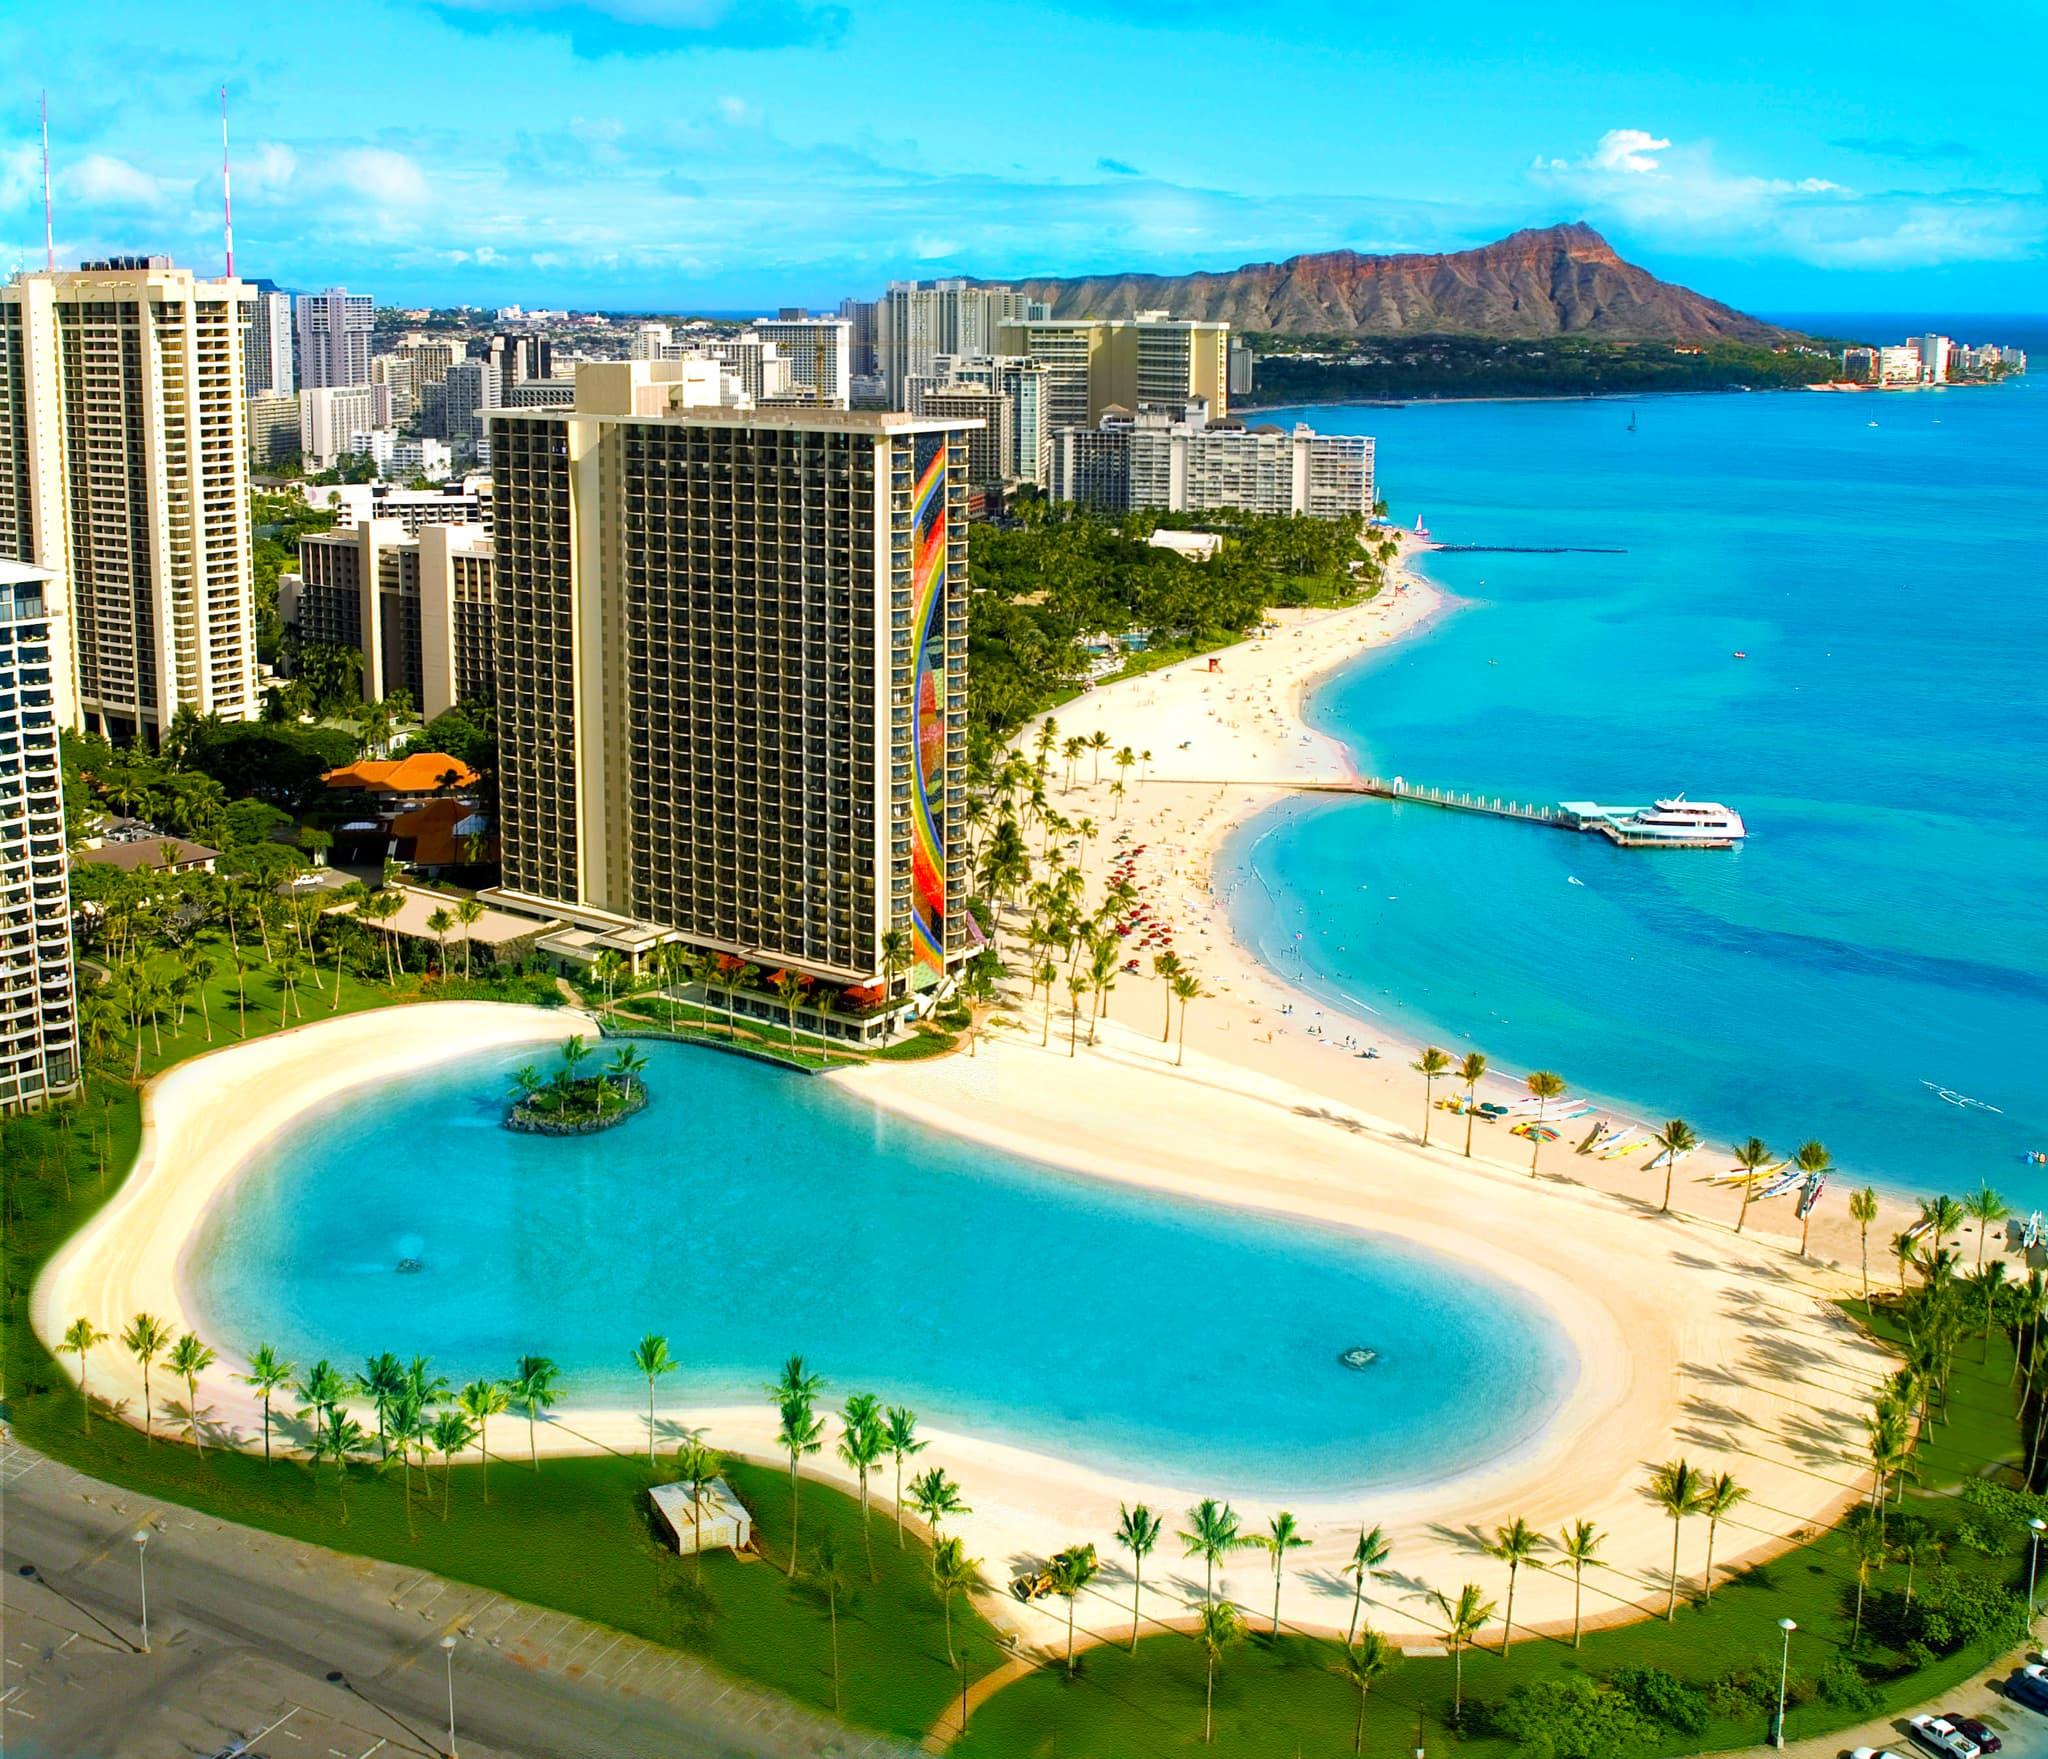 Hilton Hawaiian Village Waikiki Beach Photo Gallery 2048x1759